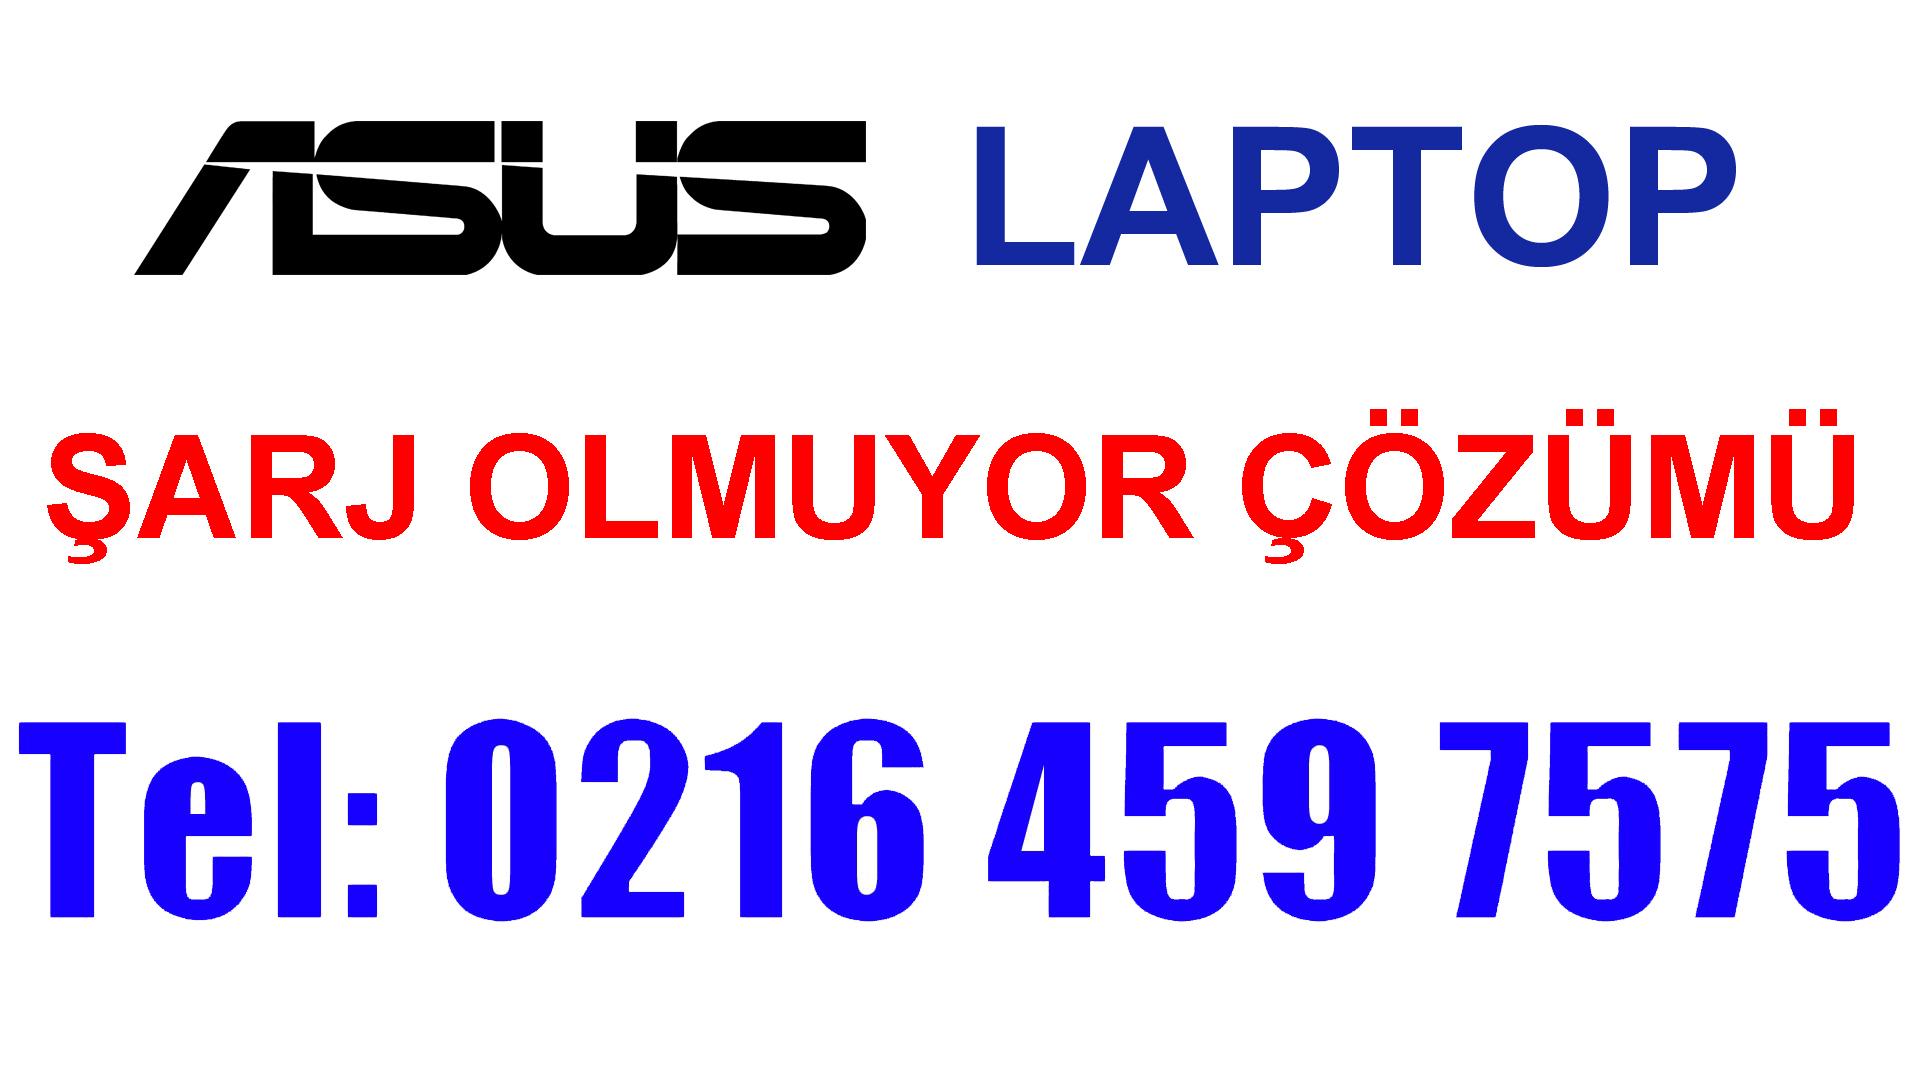 Asus Laptop Şarj Olmuyor